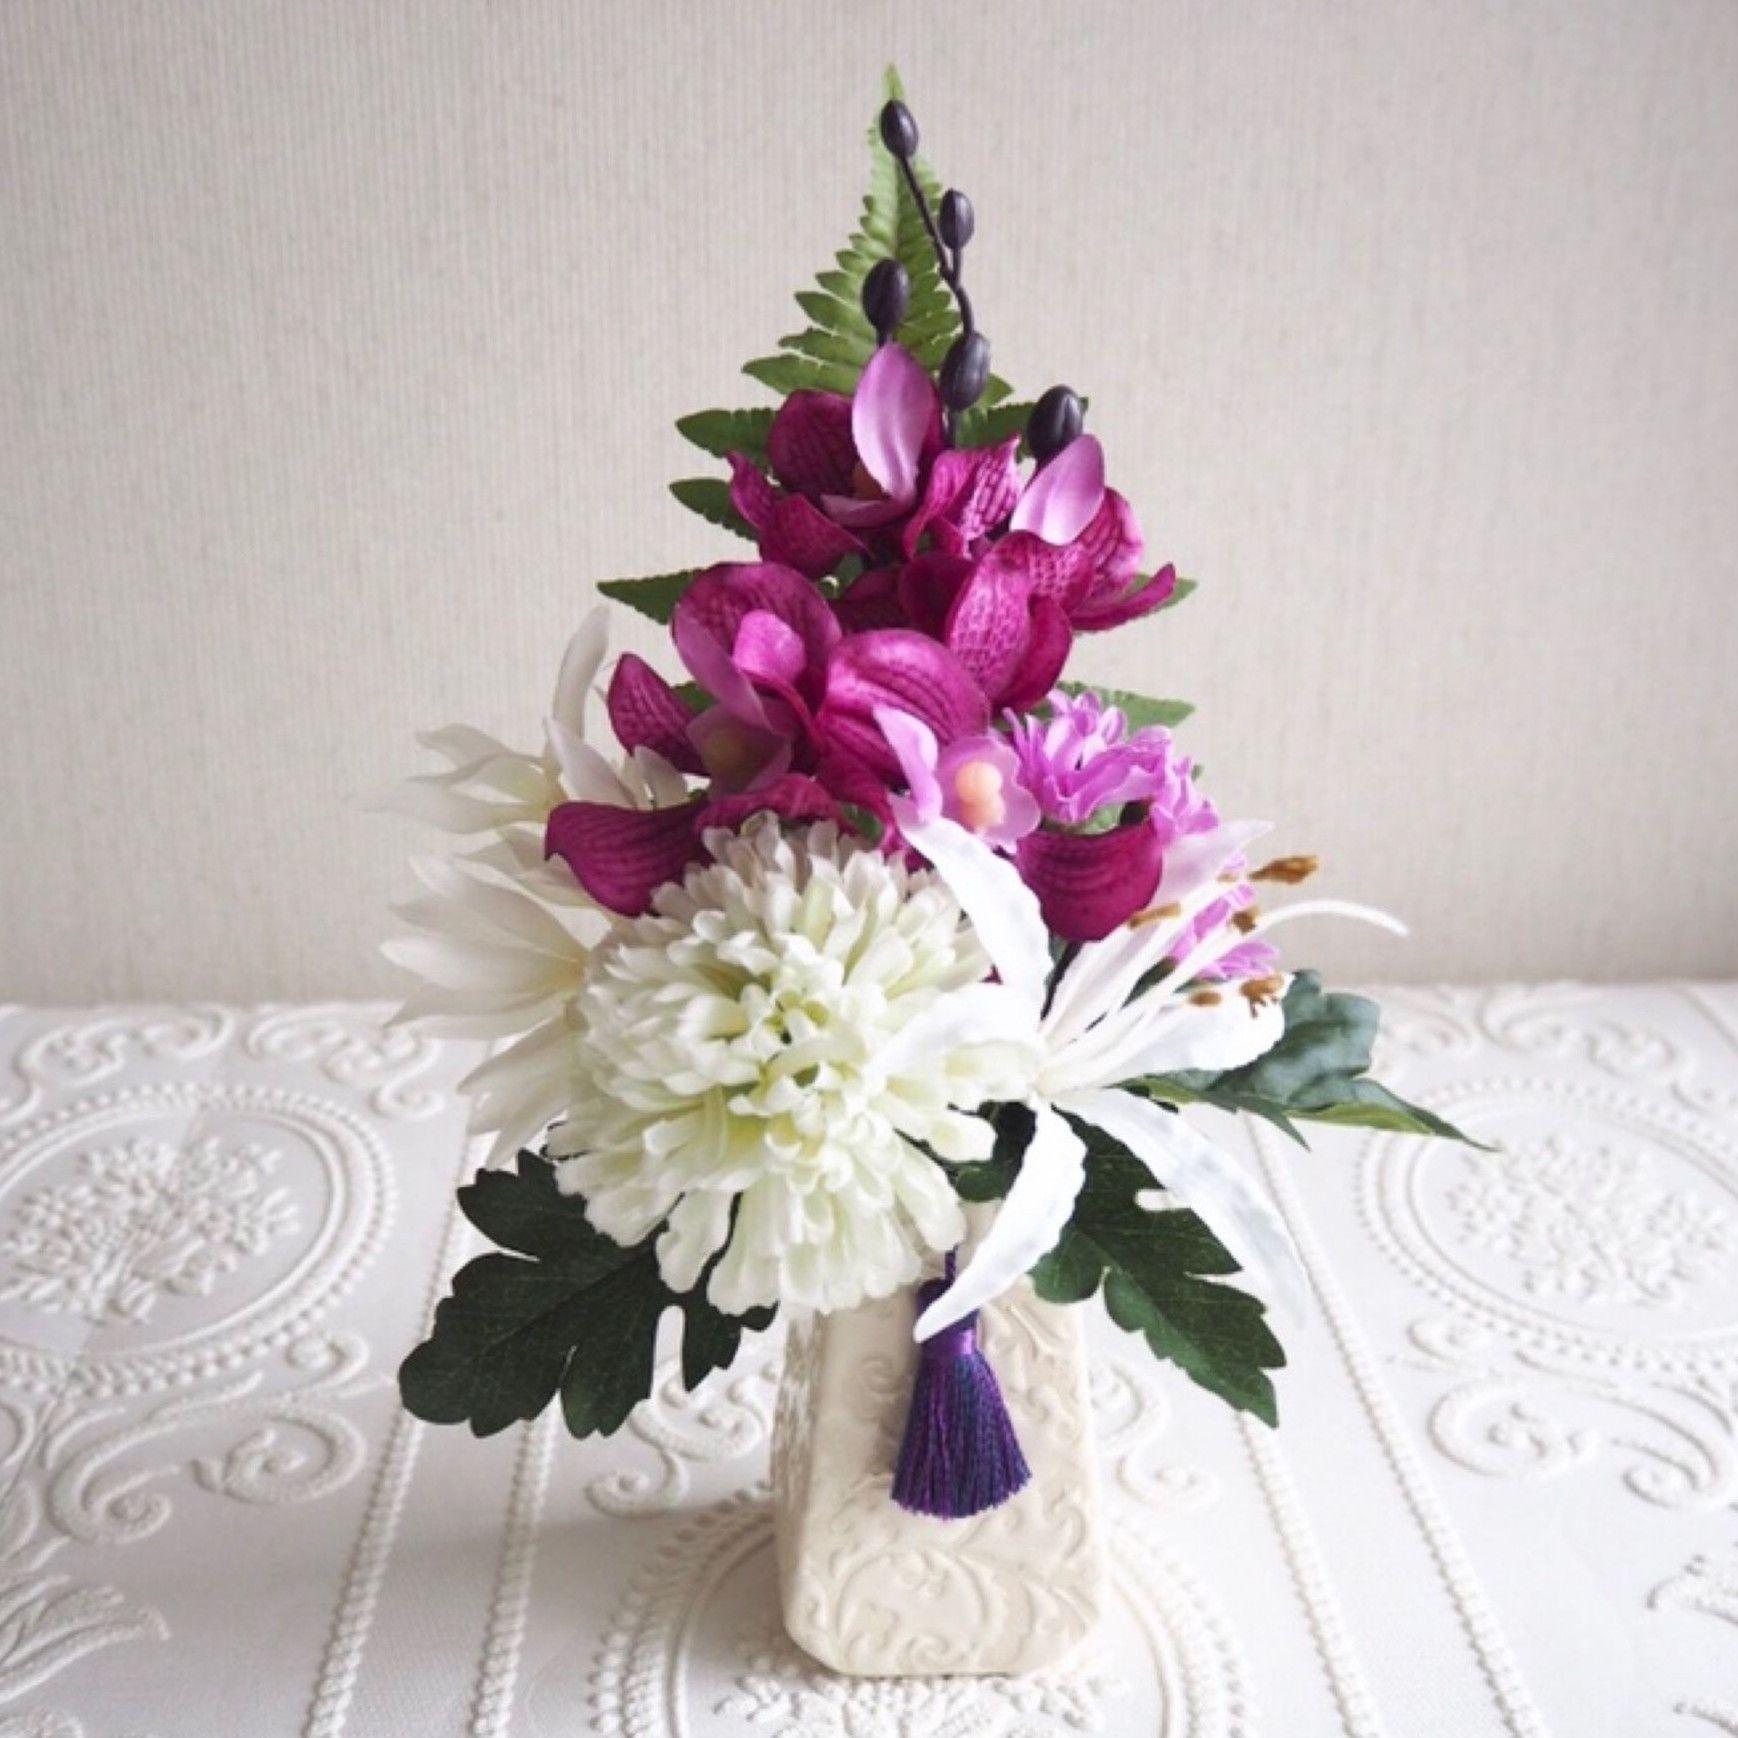 ●新作 お供え花【モダン 仏花】麗しマゼンタ& ホワイト *プレミアム舞花 B28